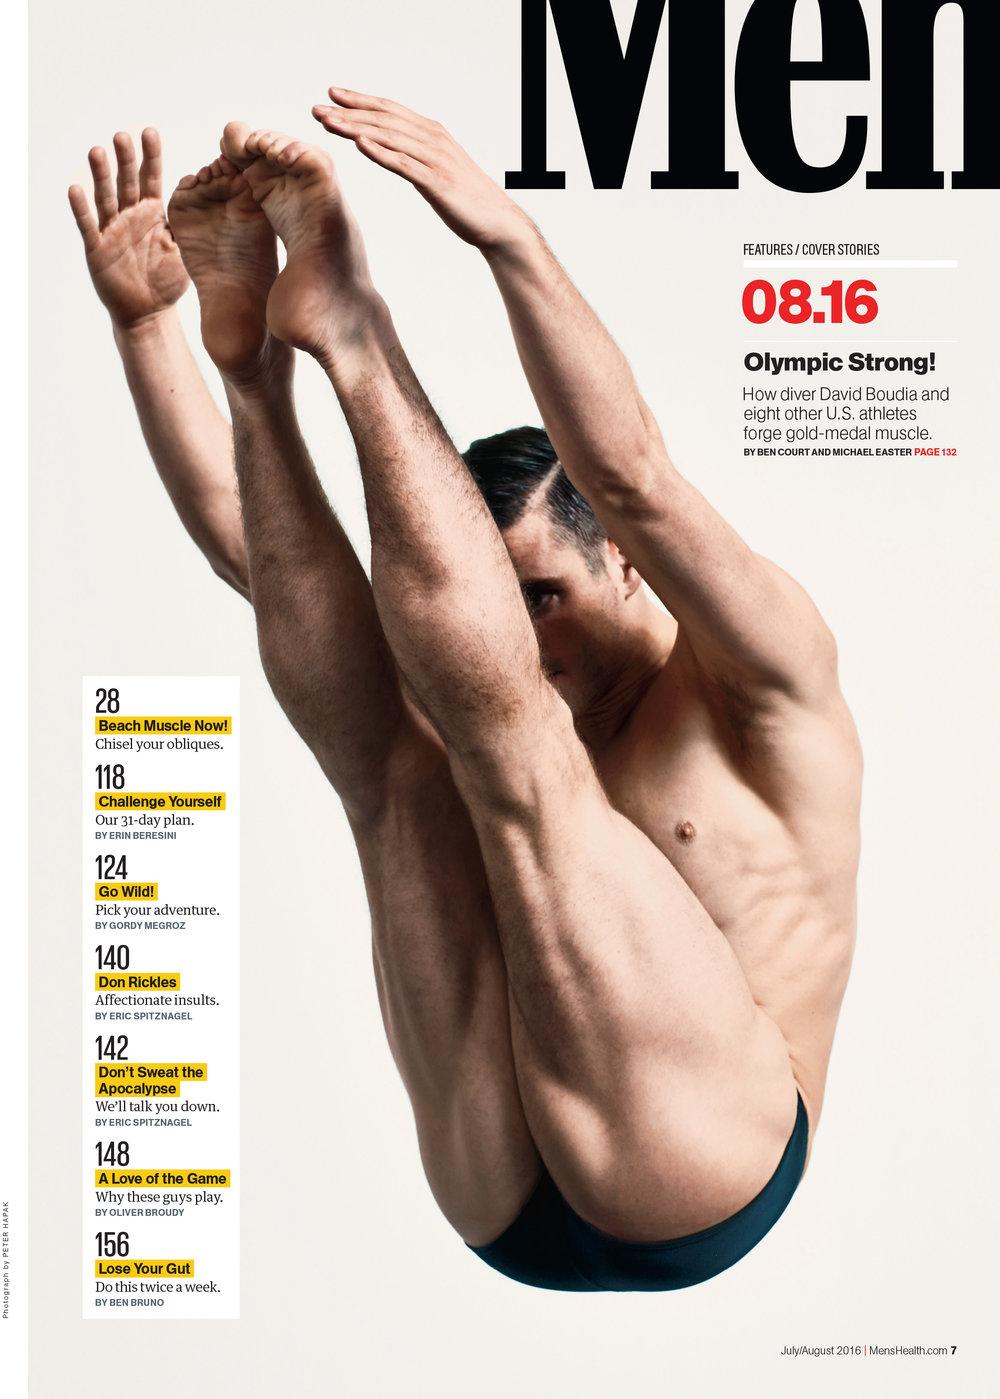 David Boudia, 2016 Summer Olympian